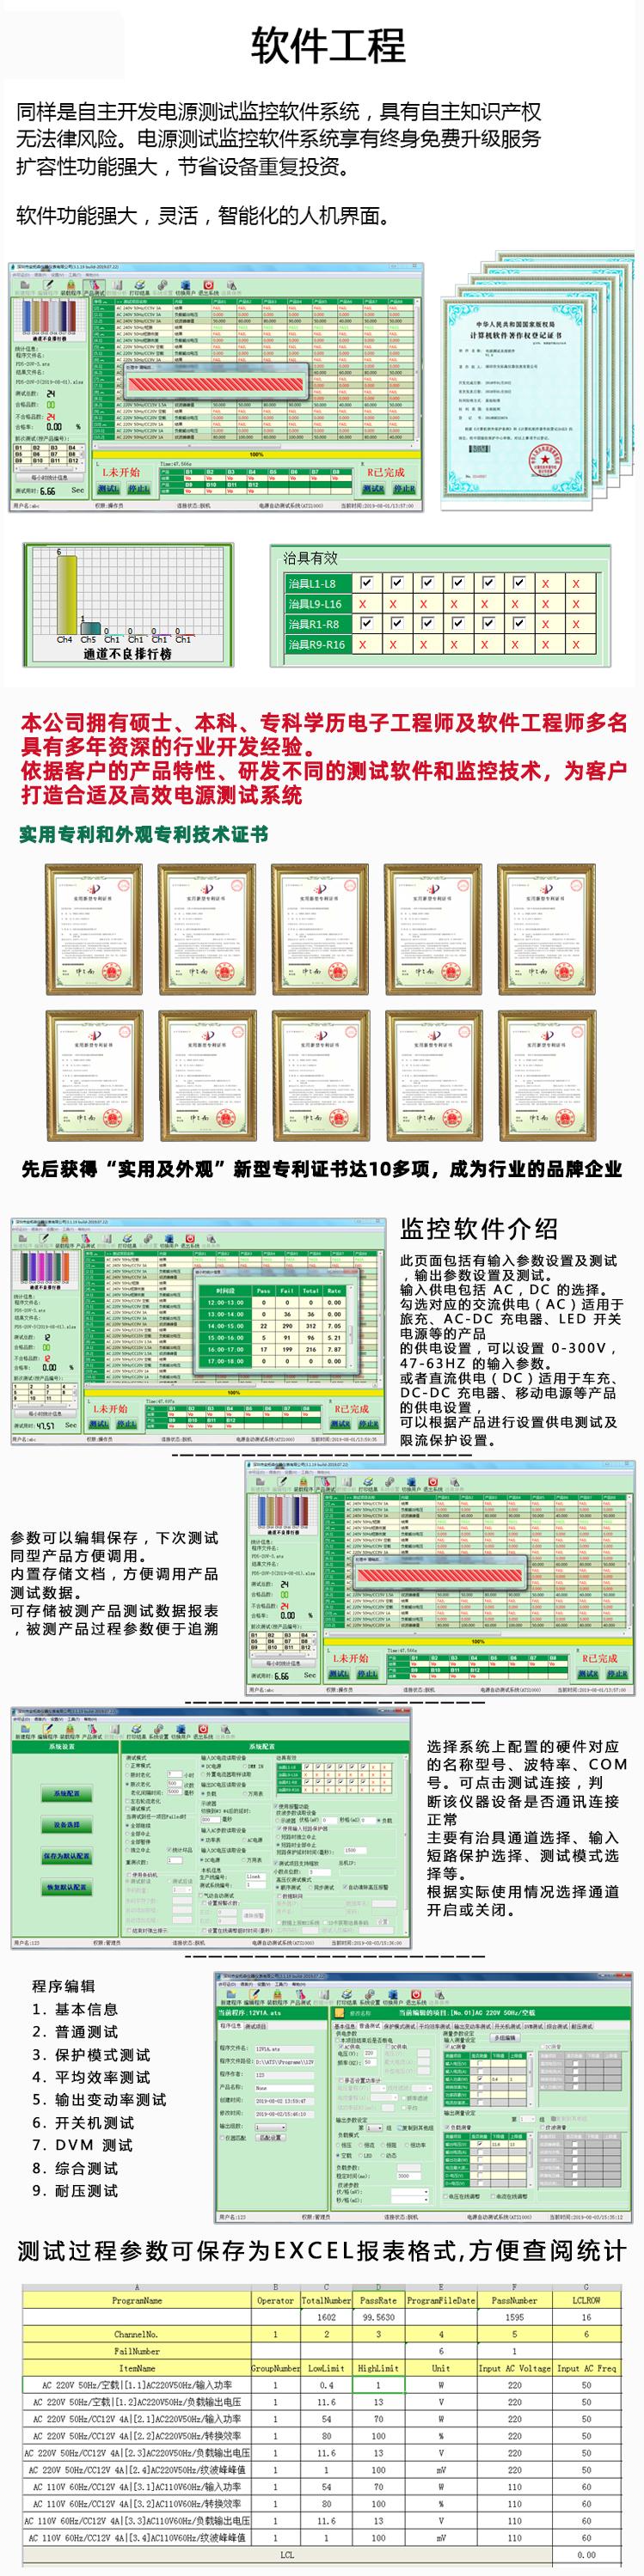 高压/耐压测试系统